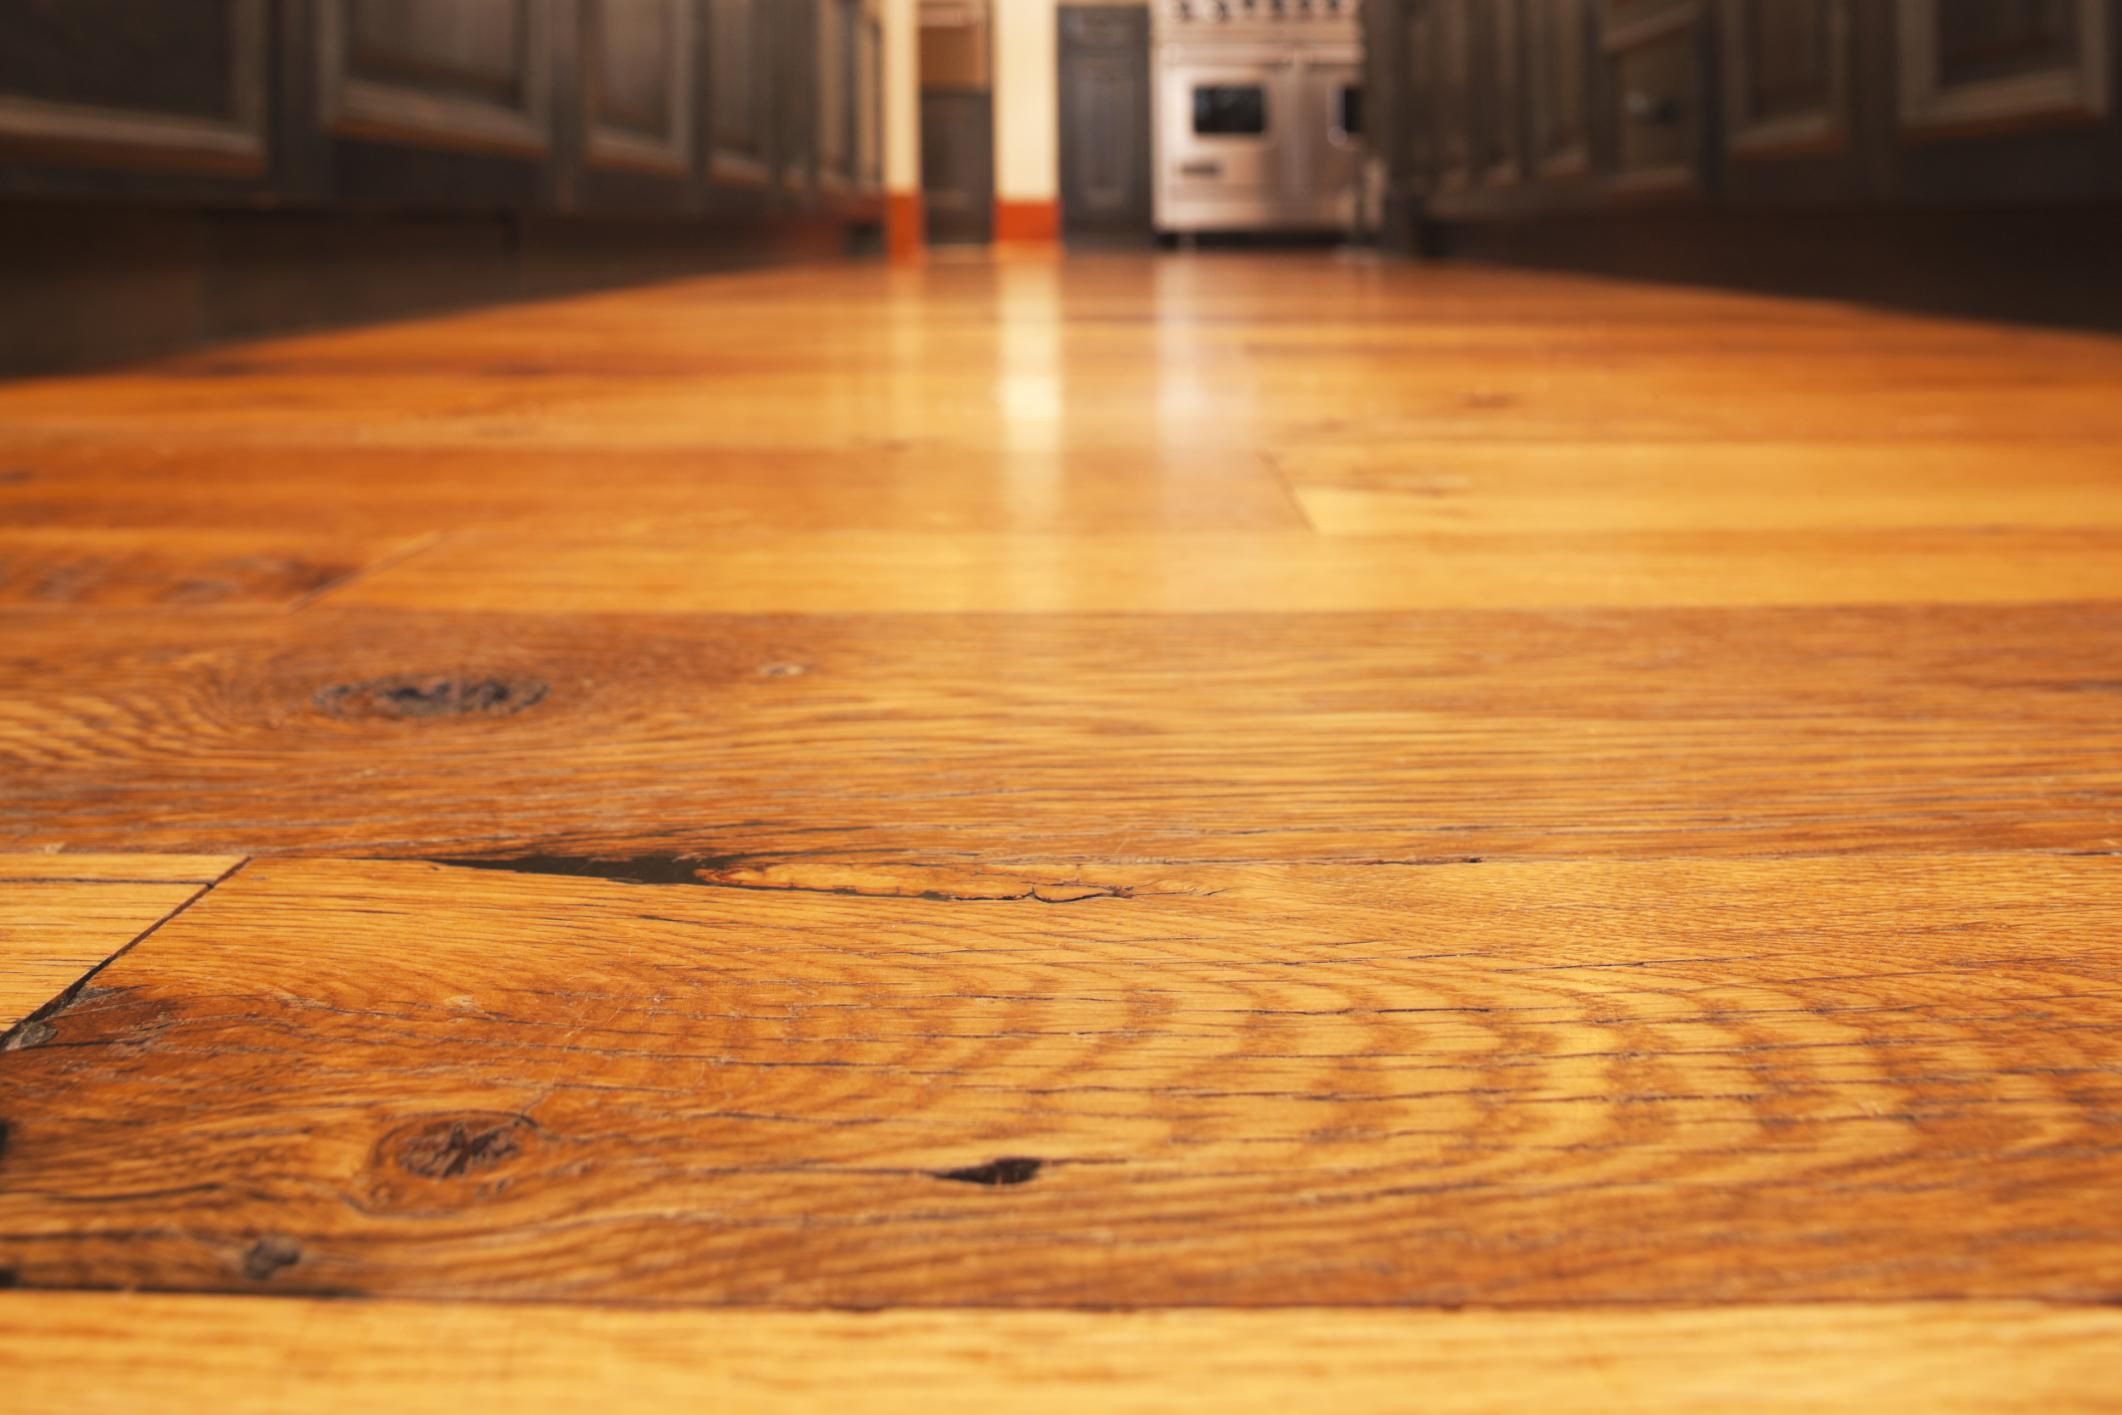 resurfacing vs refinishing hardwood floors of how to sand hardwood floors in 185126347 56a49f3d5f9b58b7d0d7e154